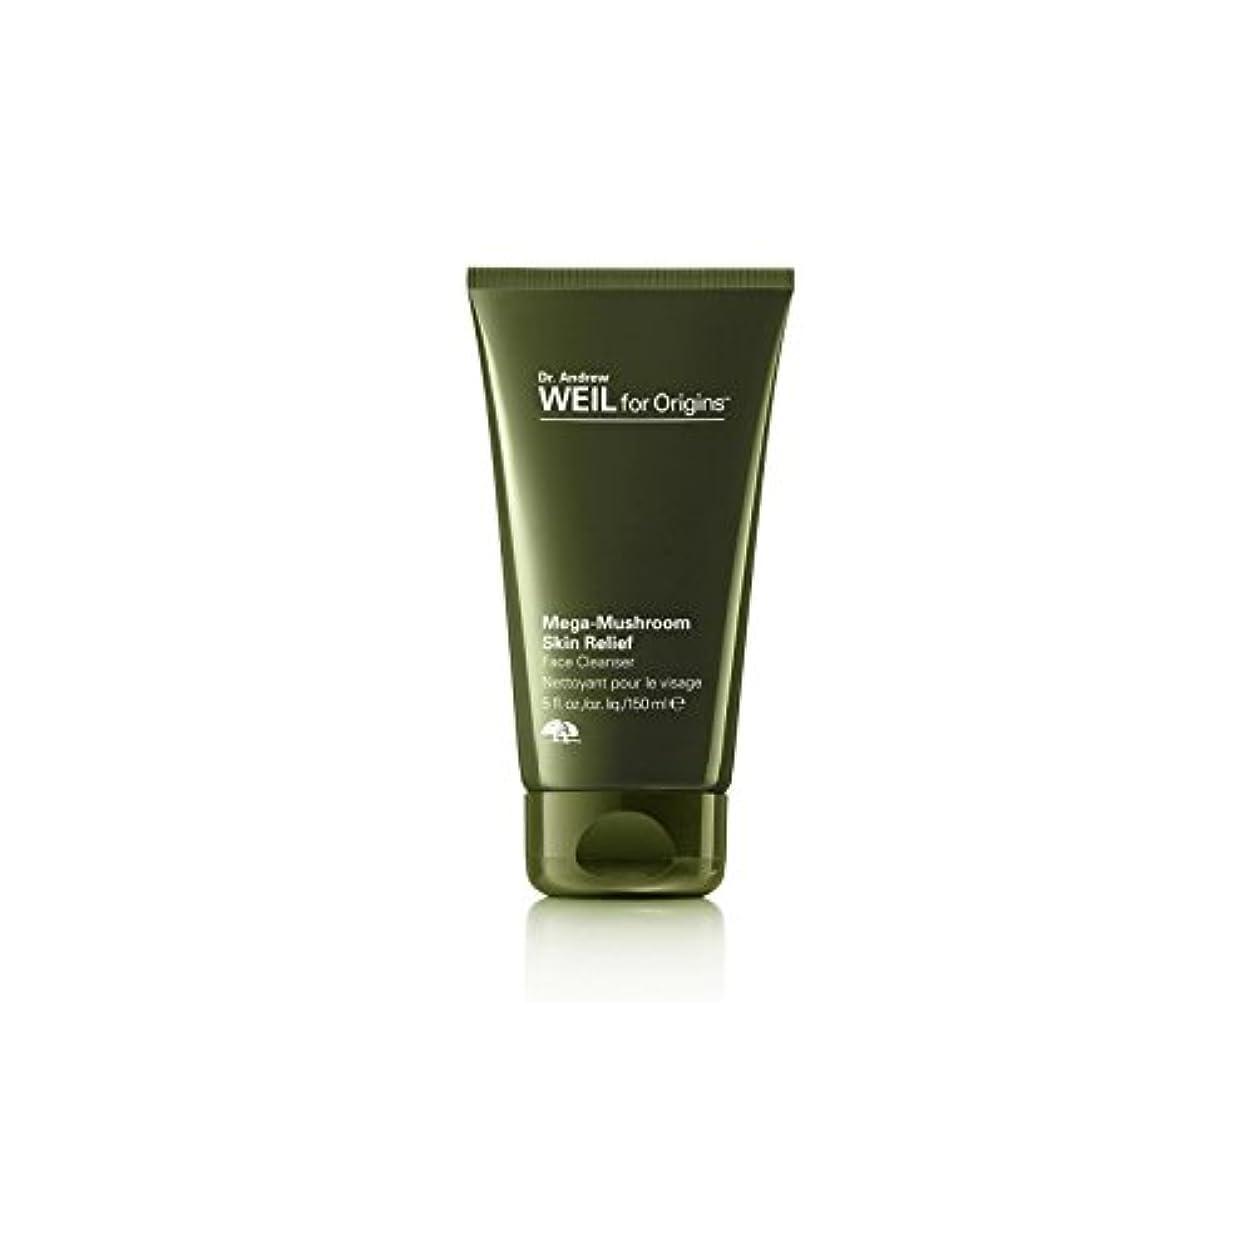 安定しました過半数流暢起源アンドルー?ワイル起源メガキノコ皮膚救済顔クレンザー150ミリリットルのために x4 - Origins Dr. Andrew Weil For Origins Mega-Mushroom Skin Relief Face...